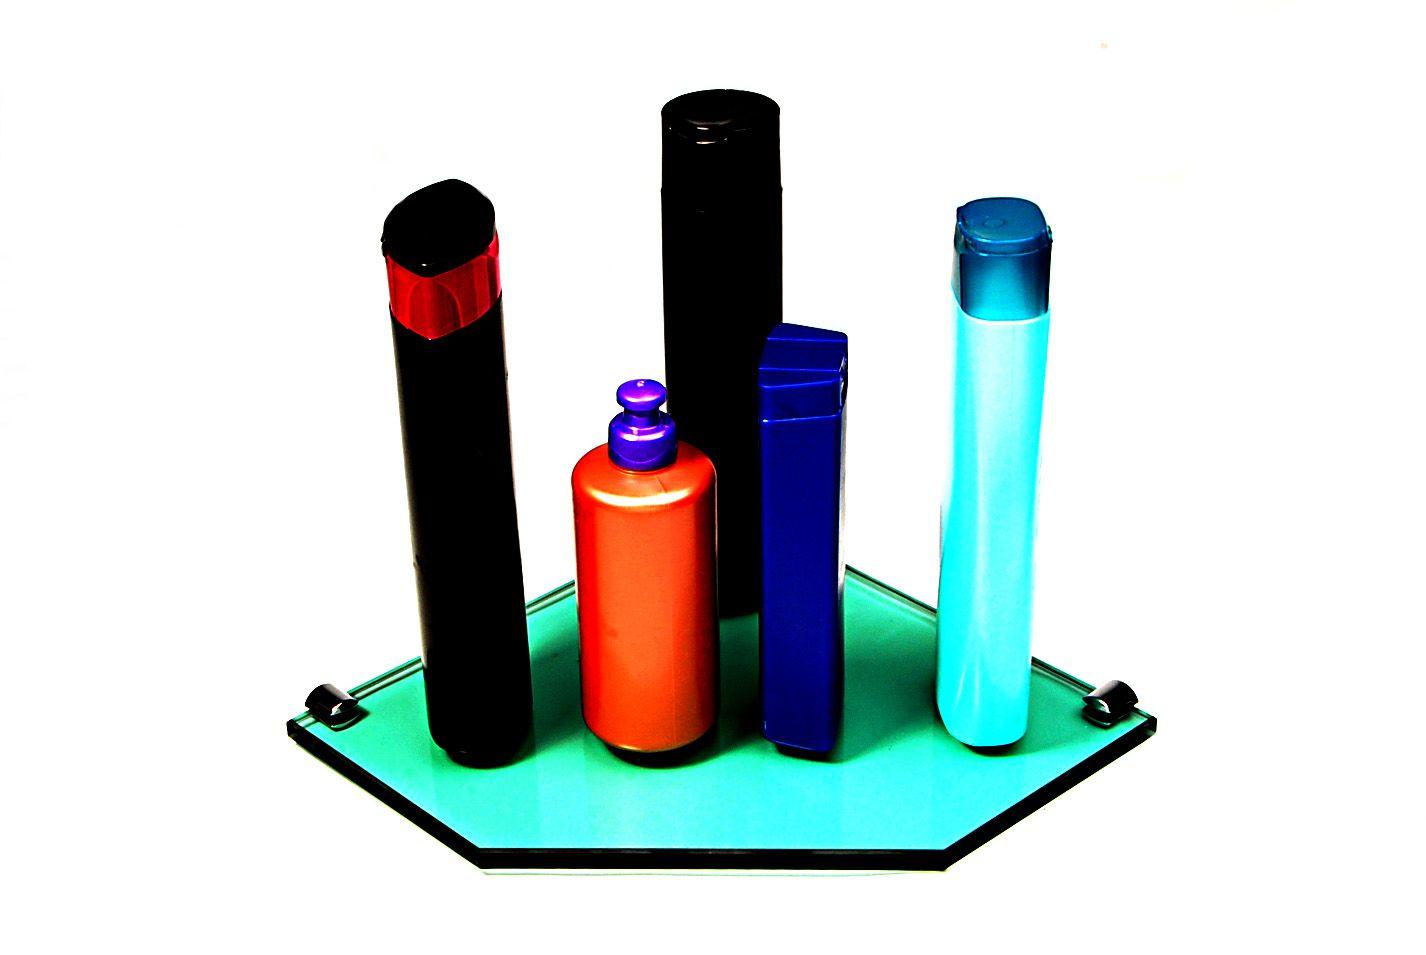 Porta Shampoo de Canto Reto em Vidro Verde Lapidado - Aquabox  - 25cmx25cmx10mm